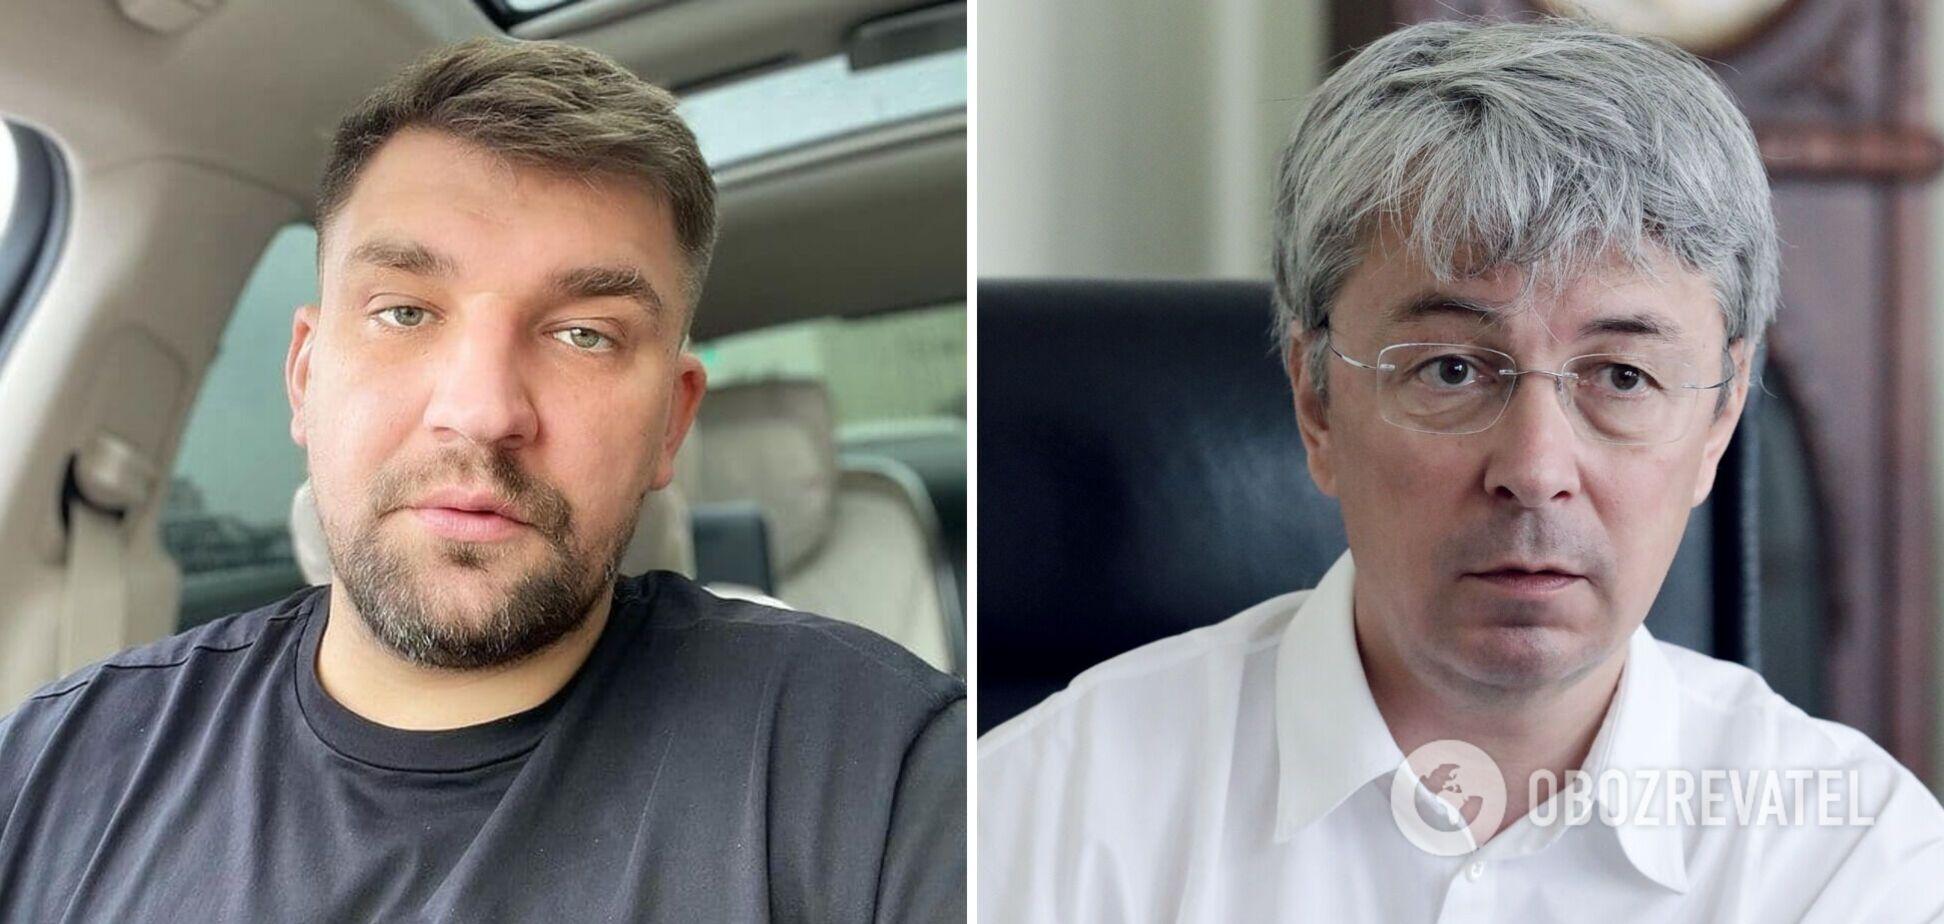 Басті дозволили в'їжджати в Україну, – міністр культури Ткаченко